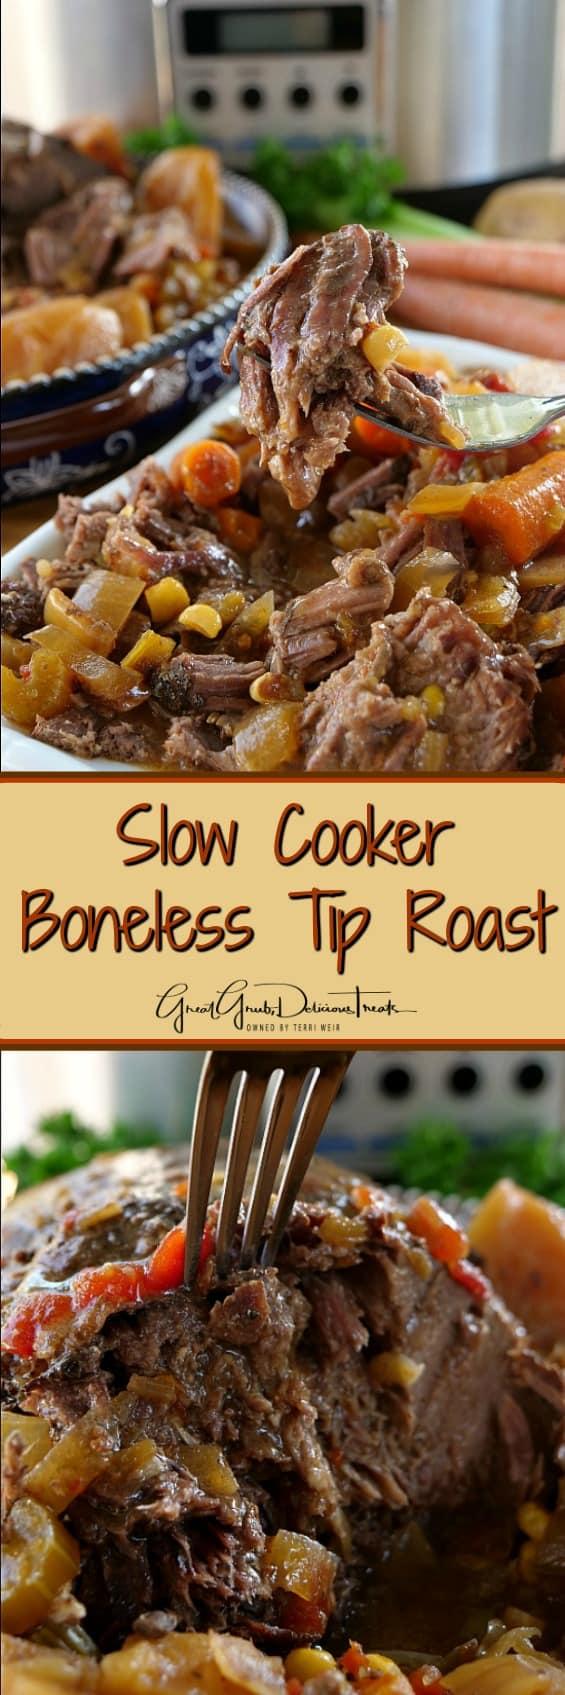 Slow Cooker Boneless Tip Roast